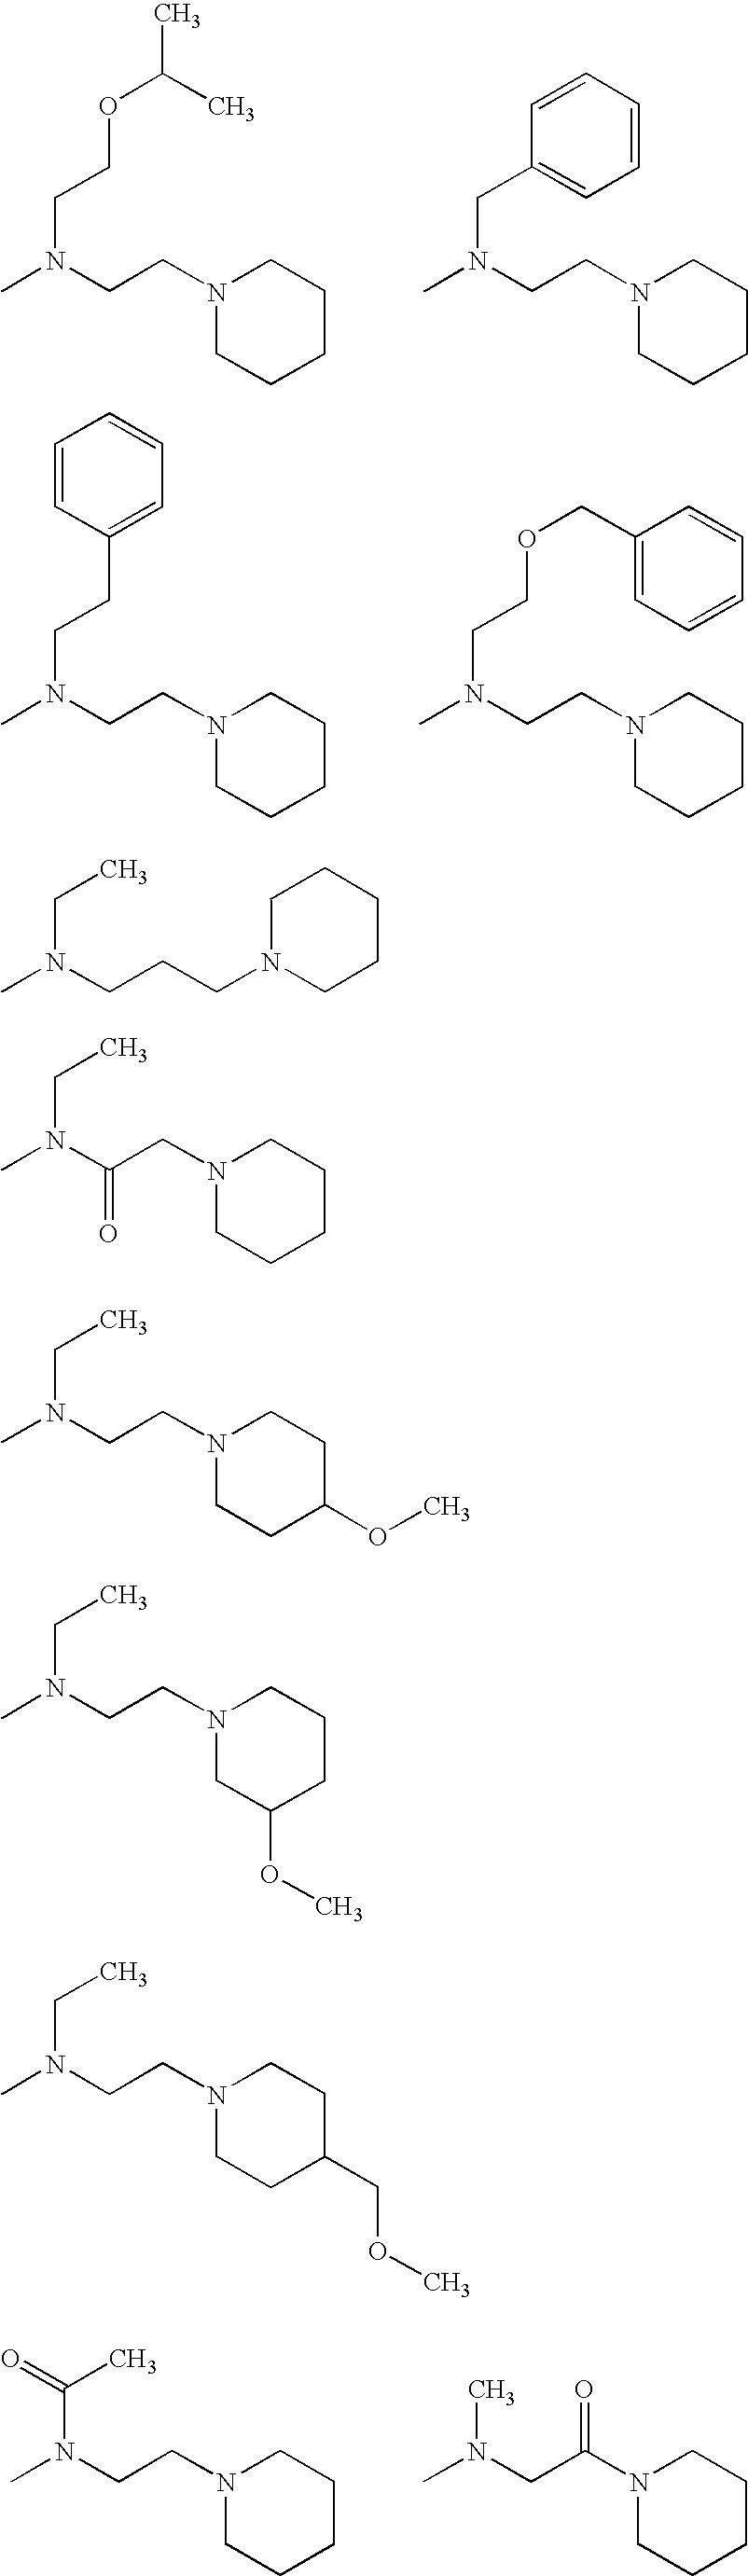 Figure US20070049593A1-20070301-C00242